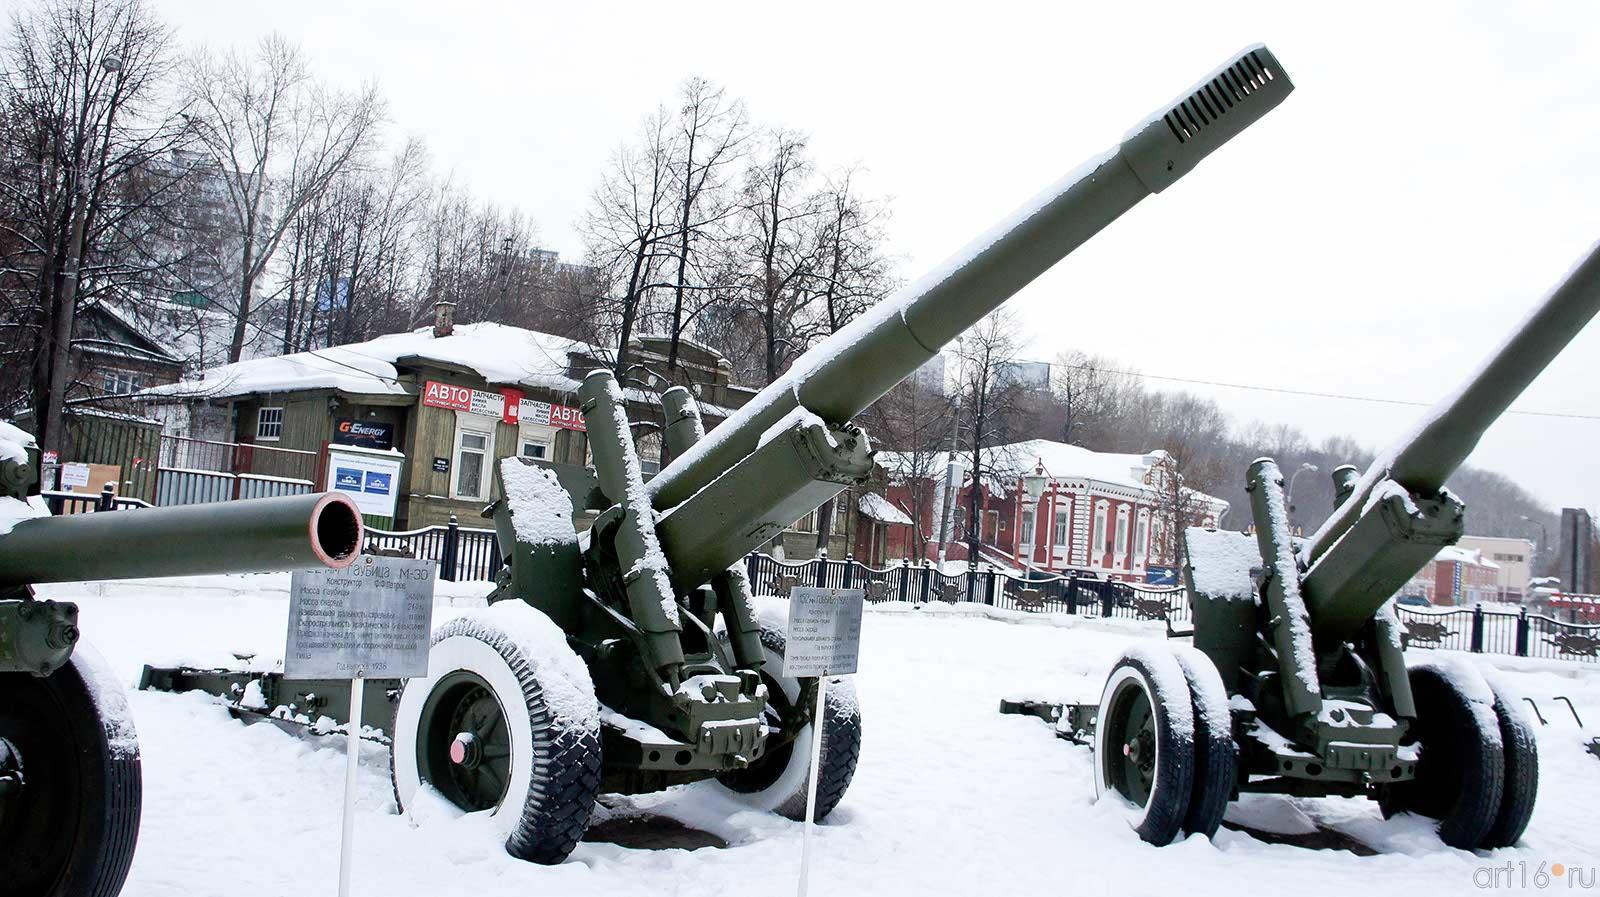 122 мм гаубица М-30 Конструктор ф.ф. Петров, Год выпуска 1938.::Мотовилиха